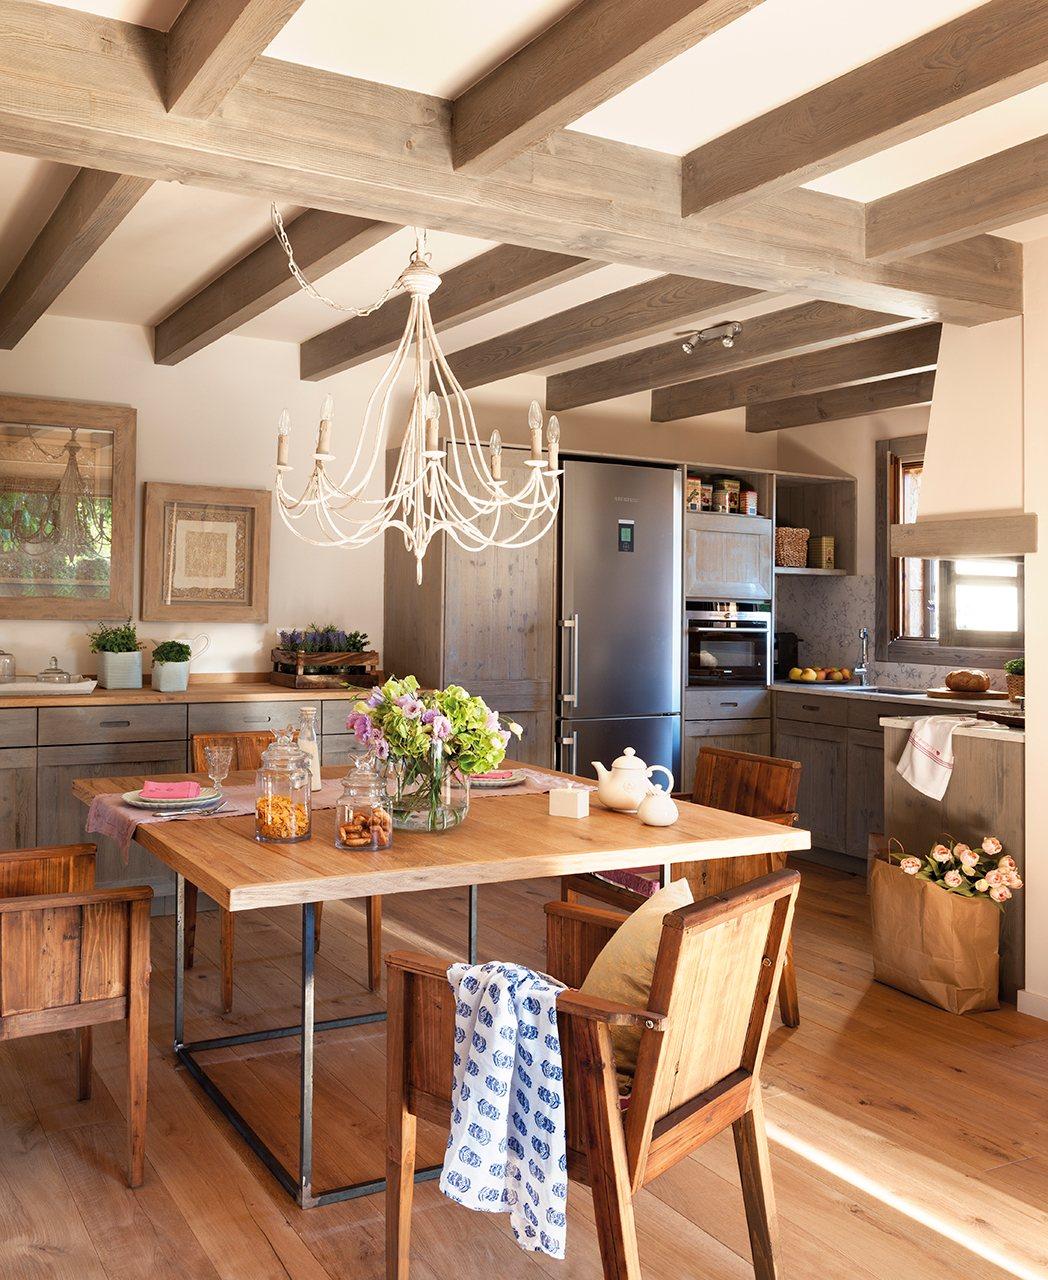 Reforma de una casa en la costa brava - Lamparas para techos con vigas de madera ...